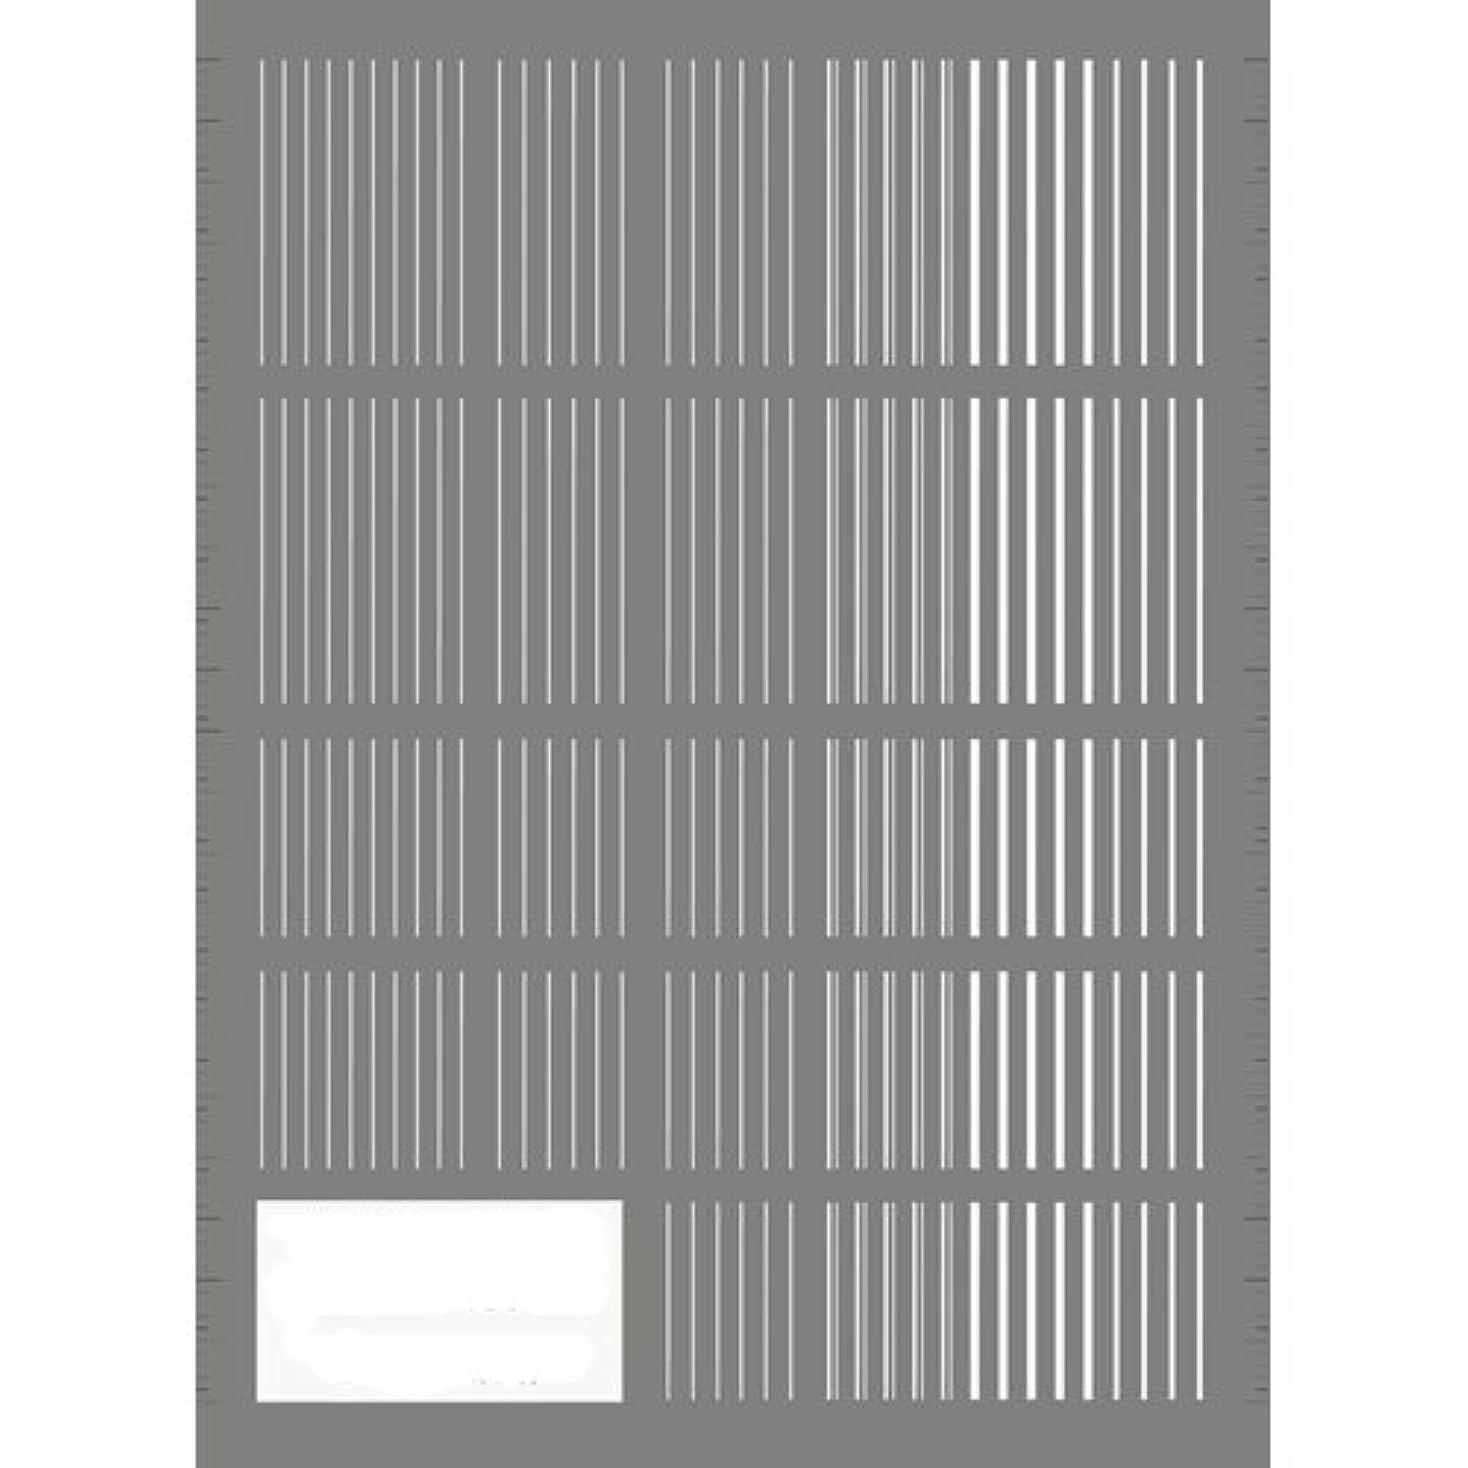 位置するジュラシックパークカプセルツメキラ(TSUMEKIRA) ネイル用シール ピンストライプ ホワイト NN-PIN-101